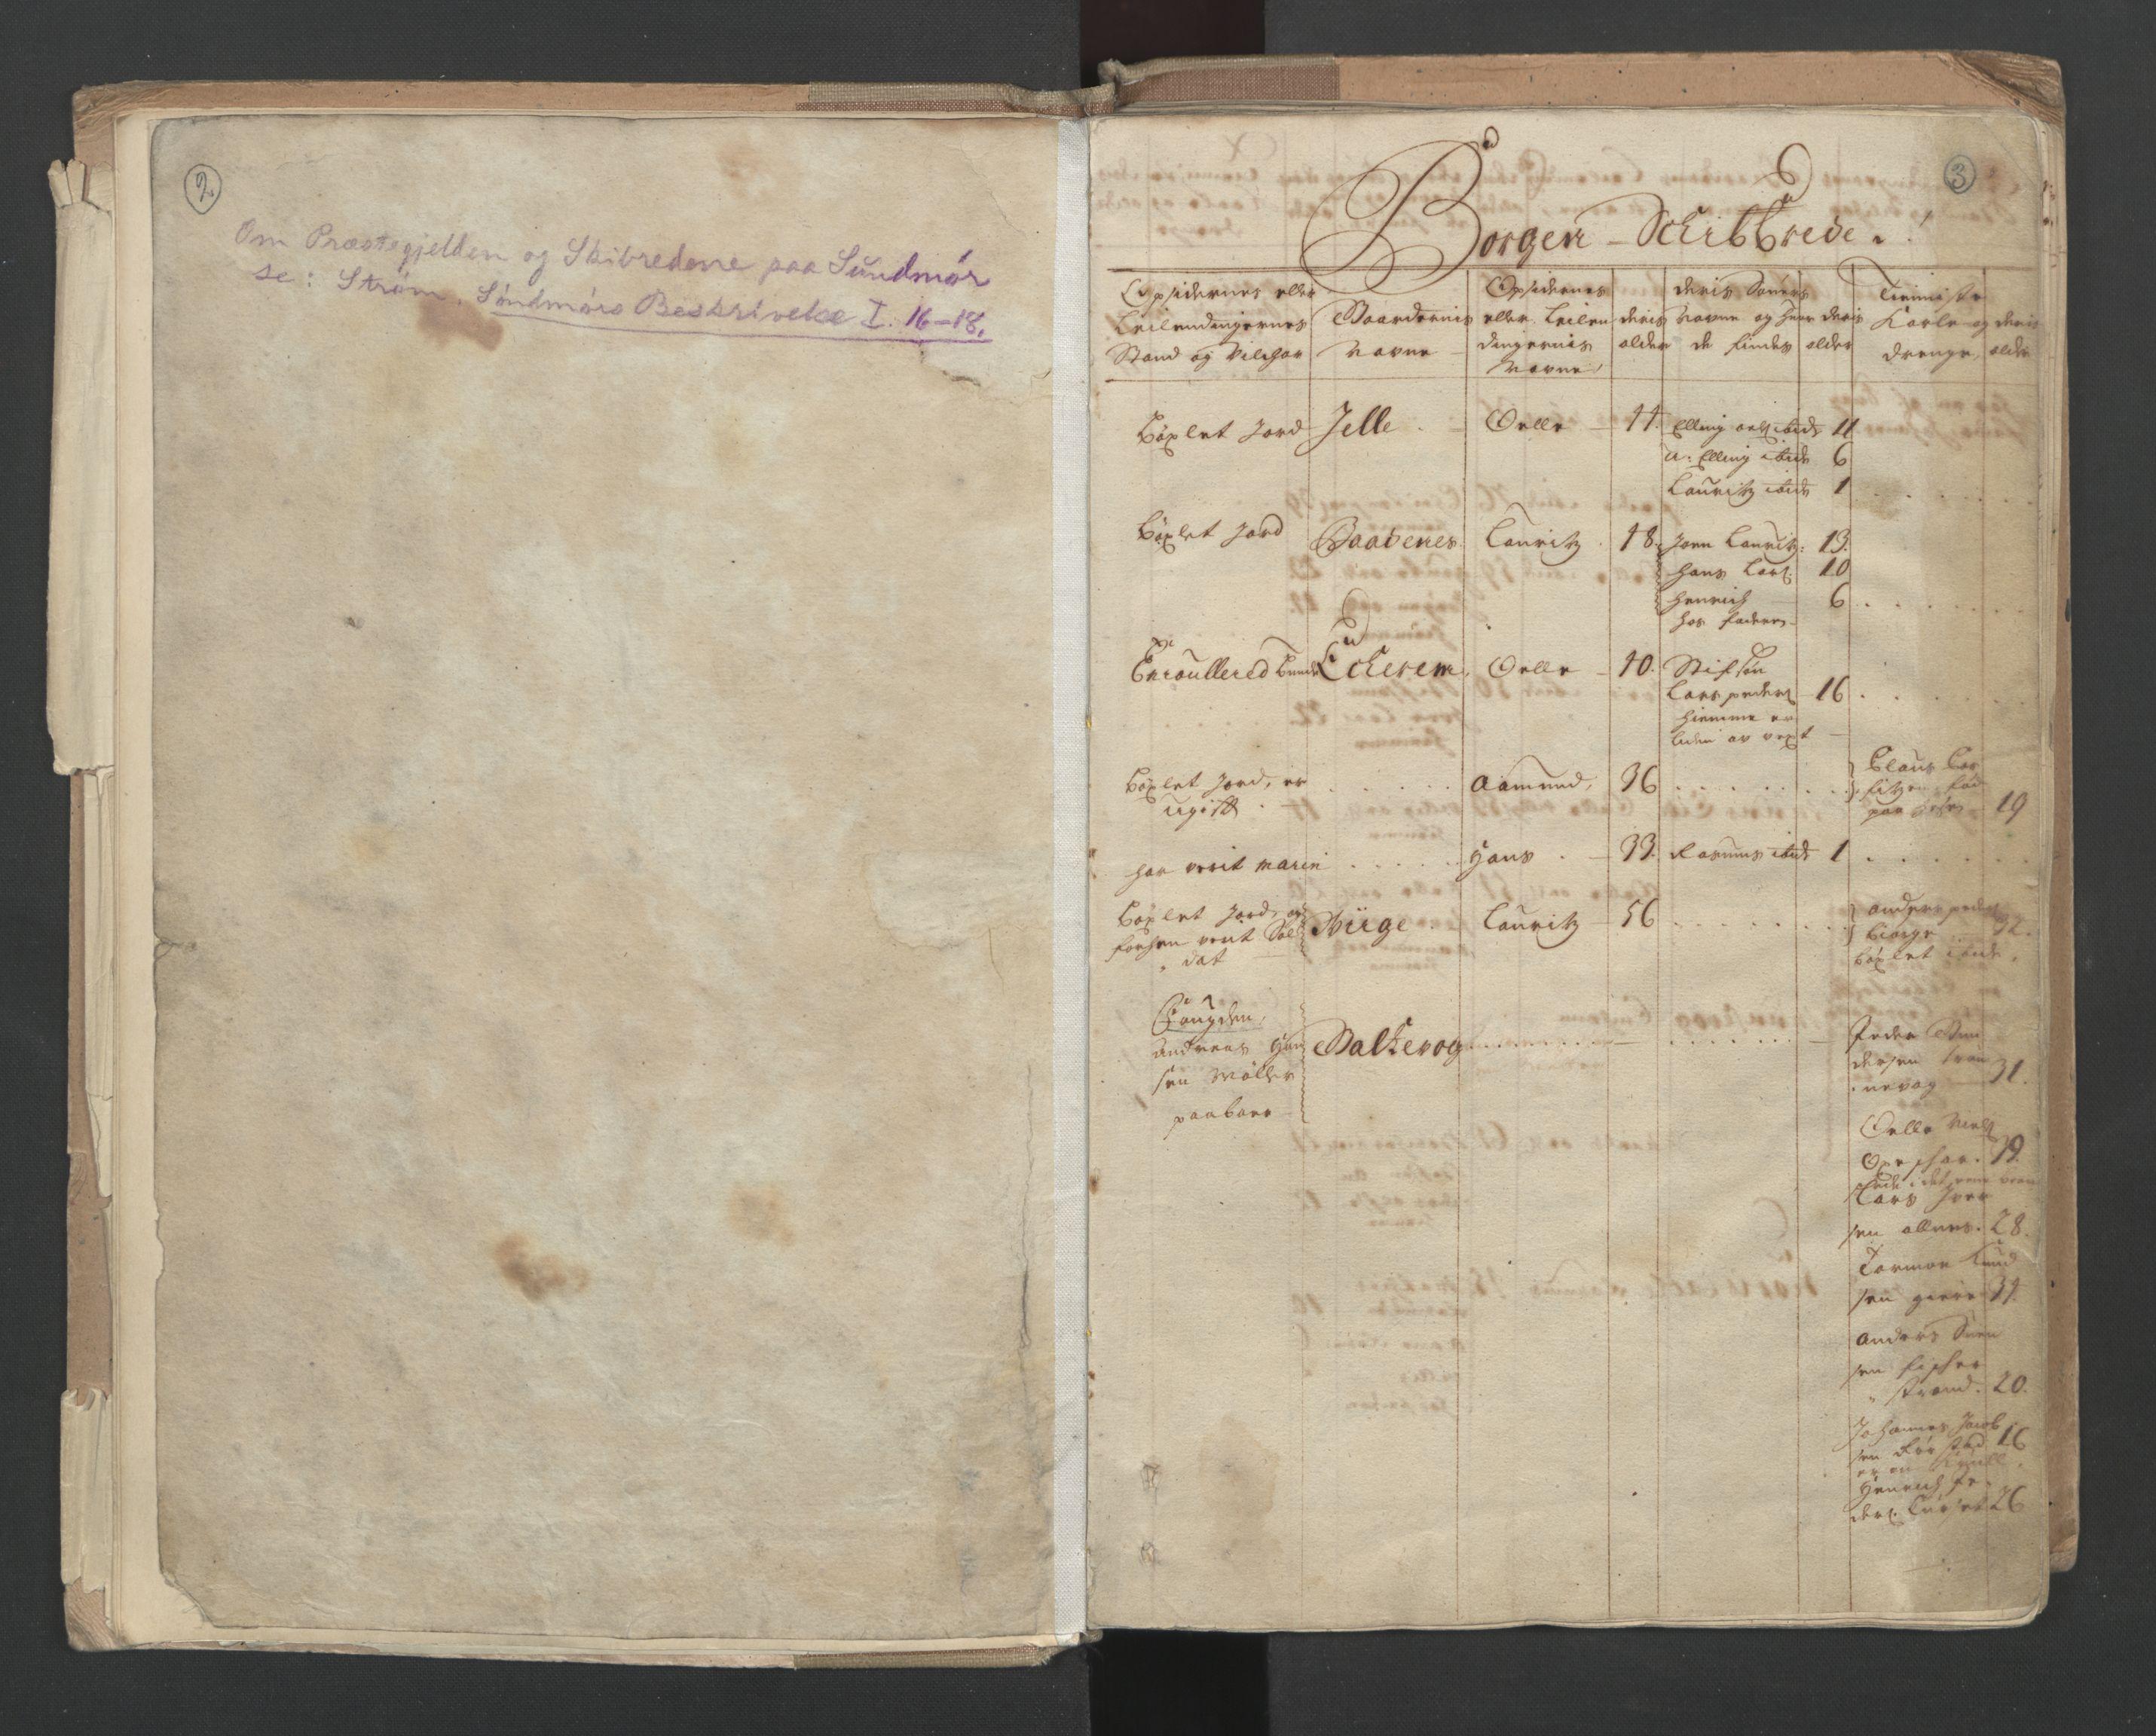 RA, Manntallet 1701, nr. 10: Sunnmøre fogderi, 1701, s. 2-3